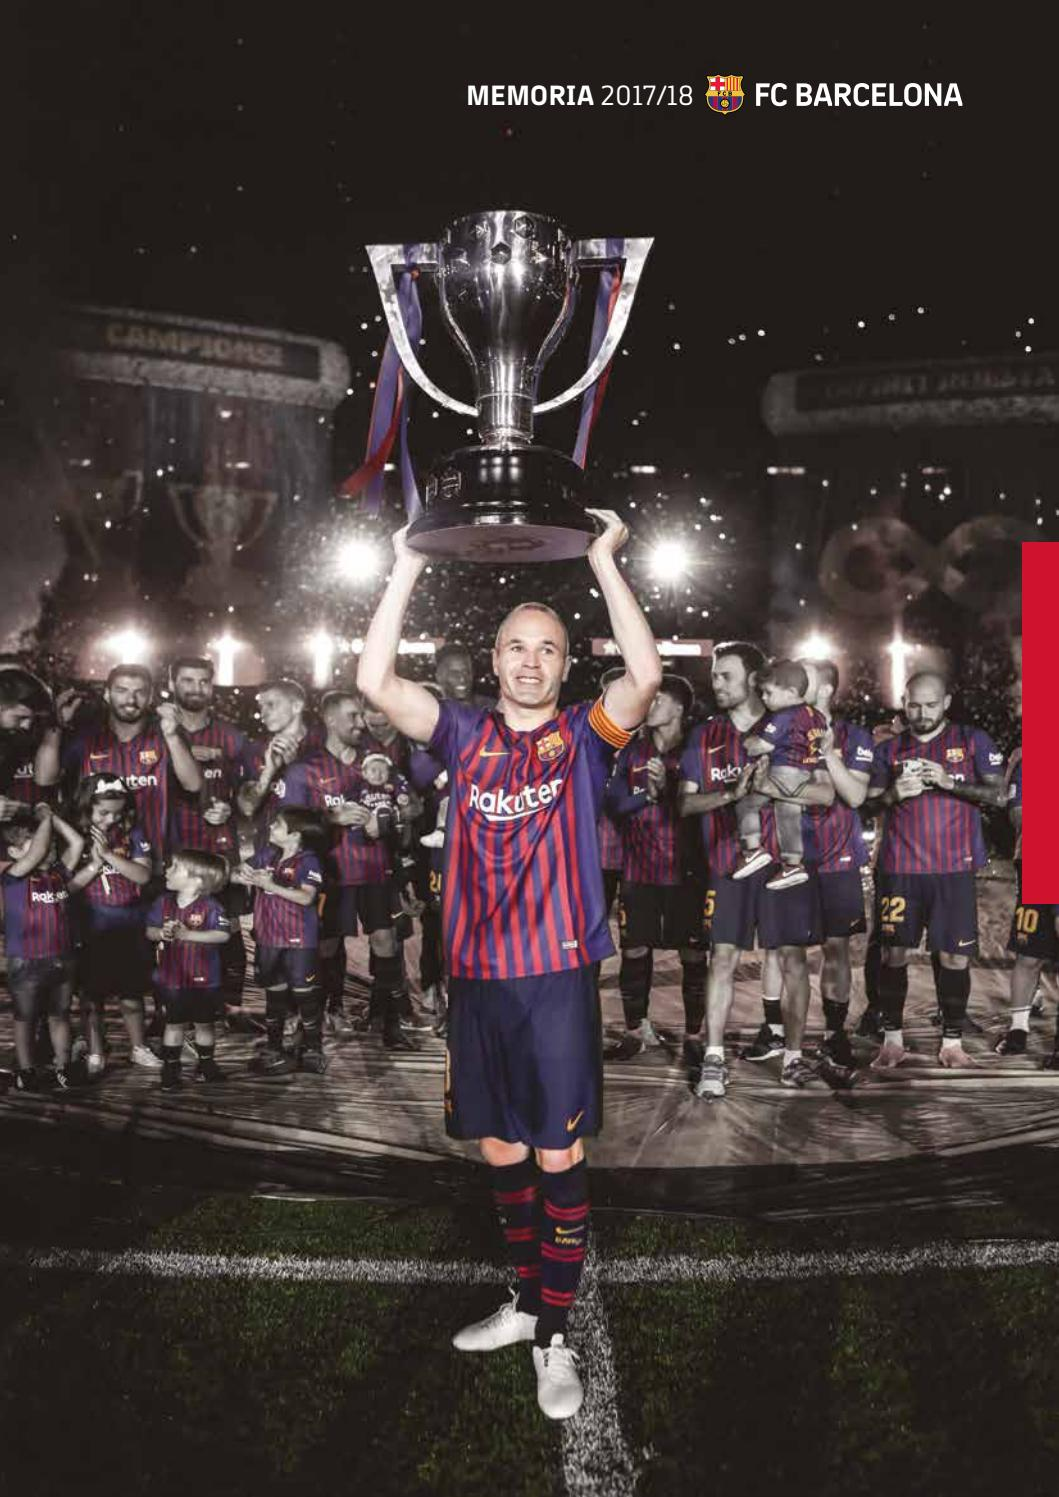 Felicitaciones De Navidad Del Fc Barcelona.Memoria Fc Barcelona Temporada 2017 18 By Fc Barcelona Issuu